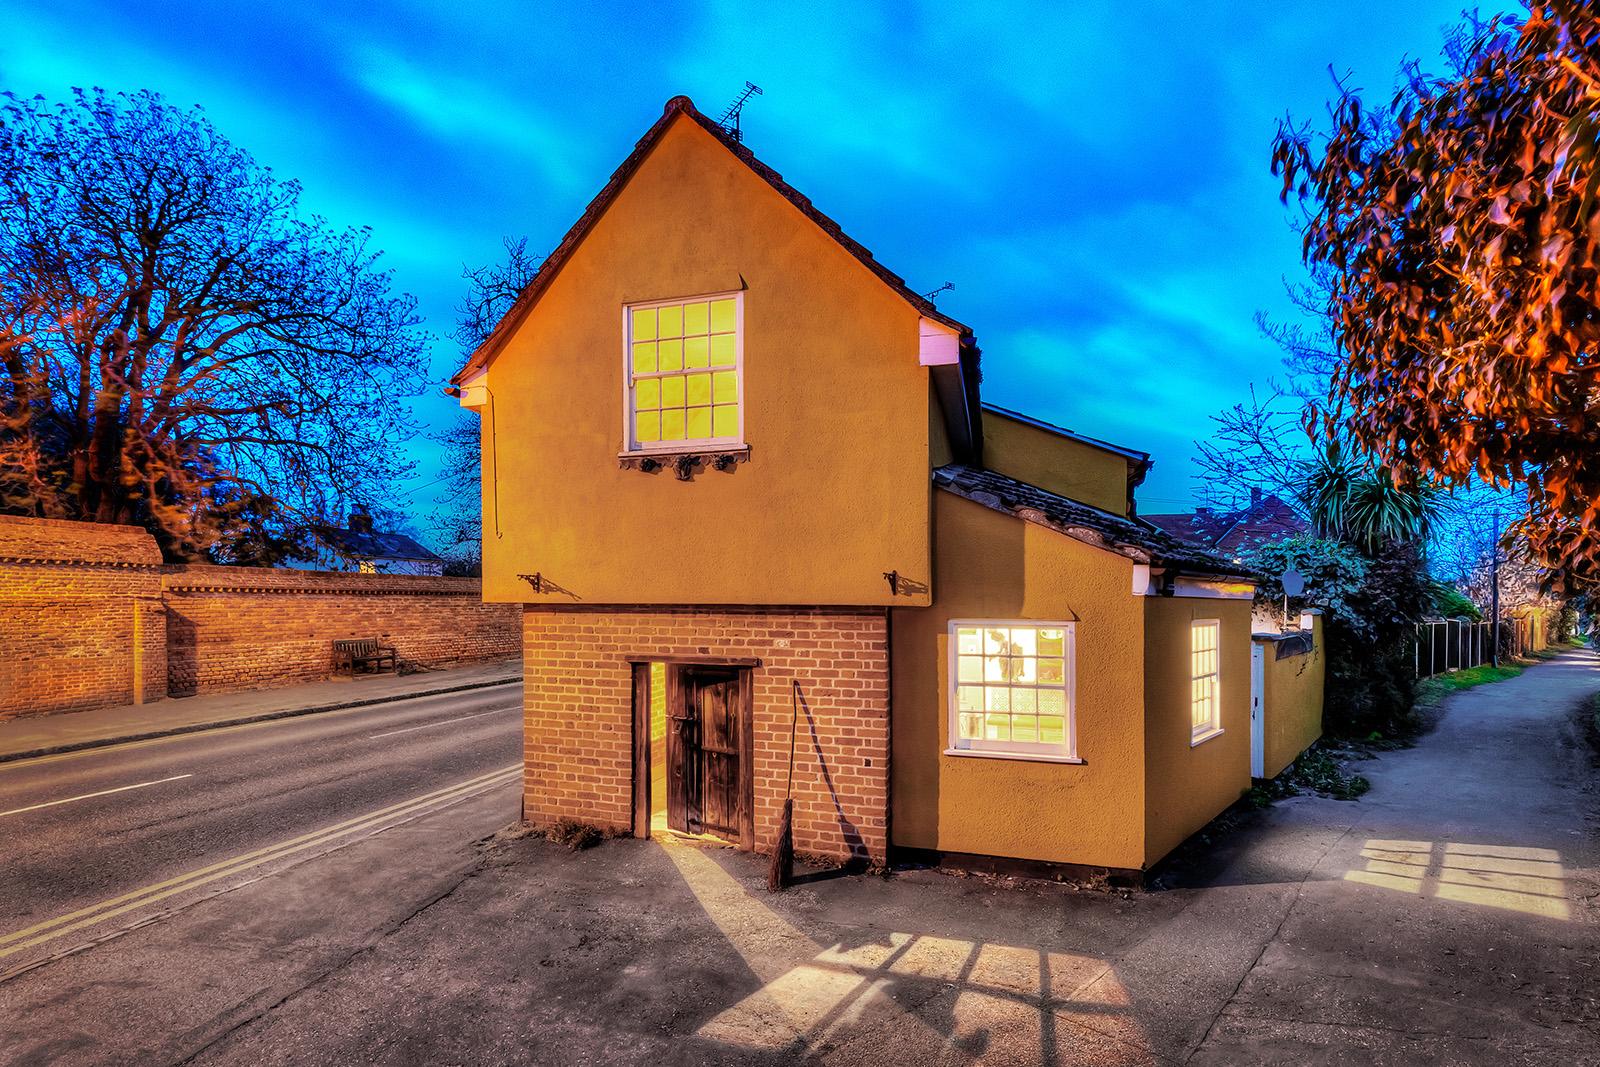 Se trata de The Cage, en St. Osyth,una de las casas encantadas más famosas de Reino Unido